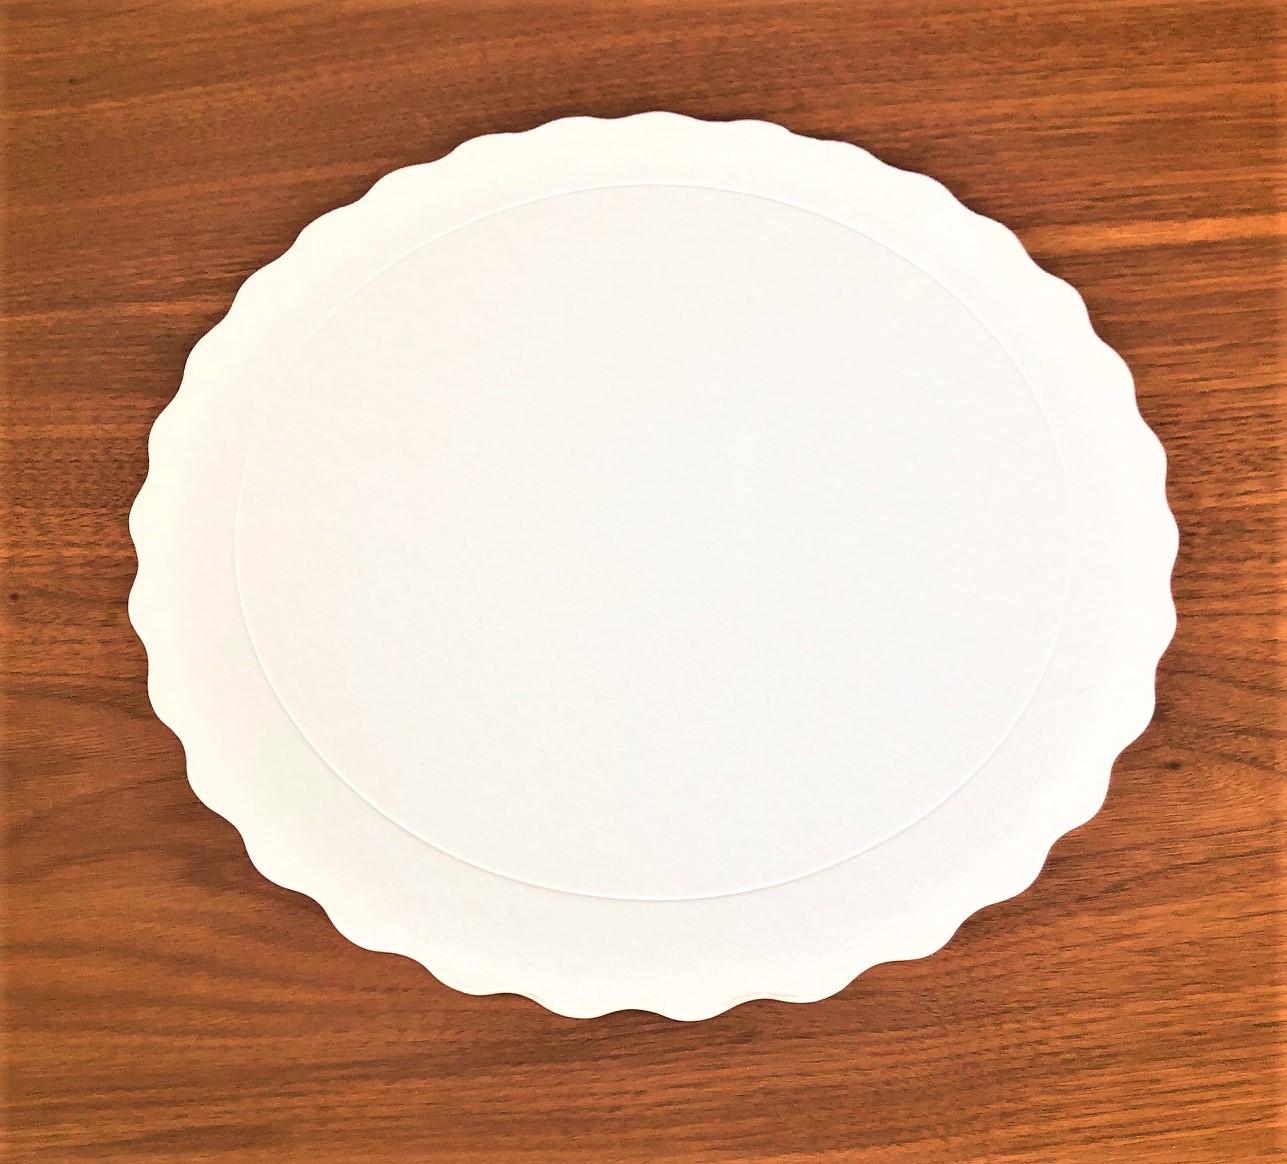 20 Bases Laminadas Para Bolo Redondo, Cake Board 23cm - Branco